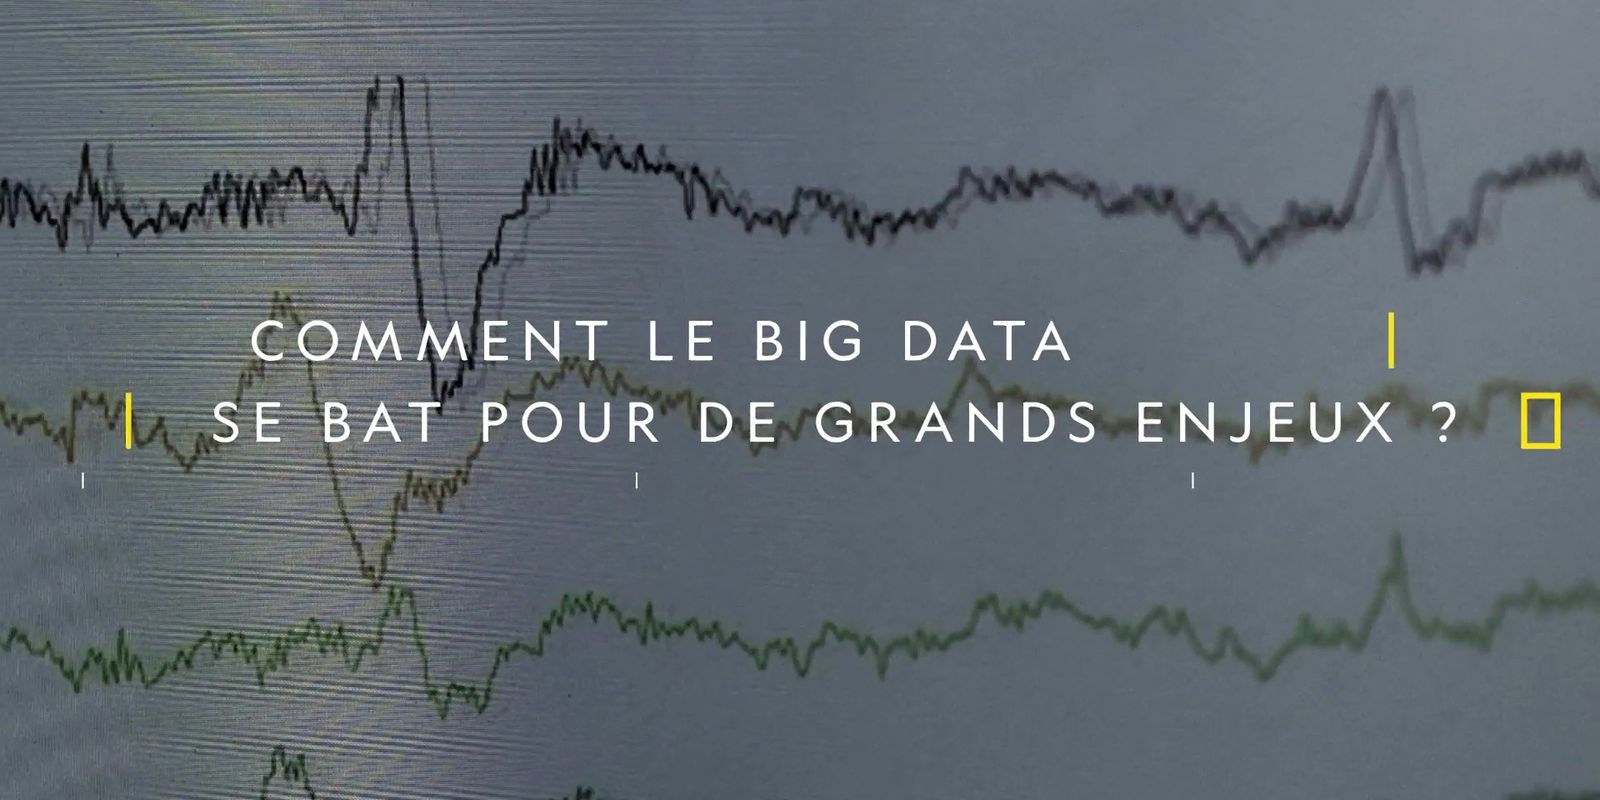 Comment le big data peut-il nous aider à combattre les maladies graves ?